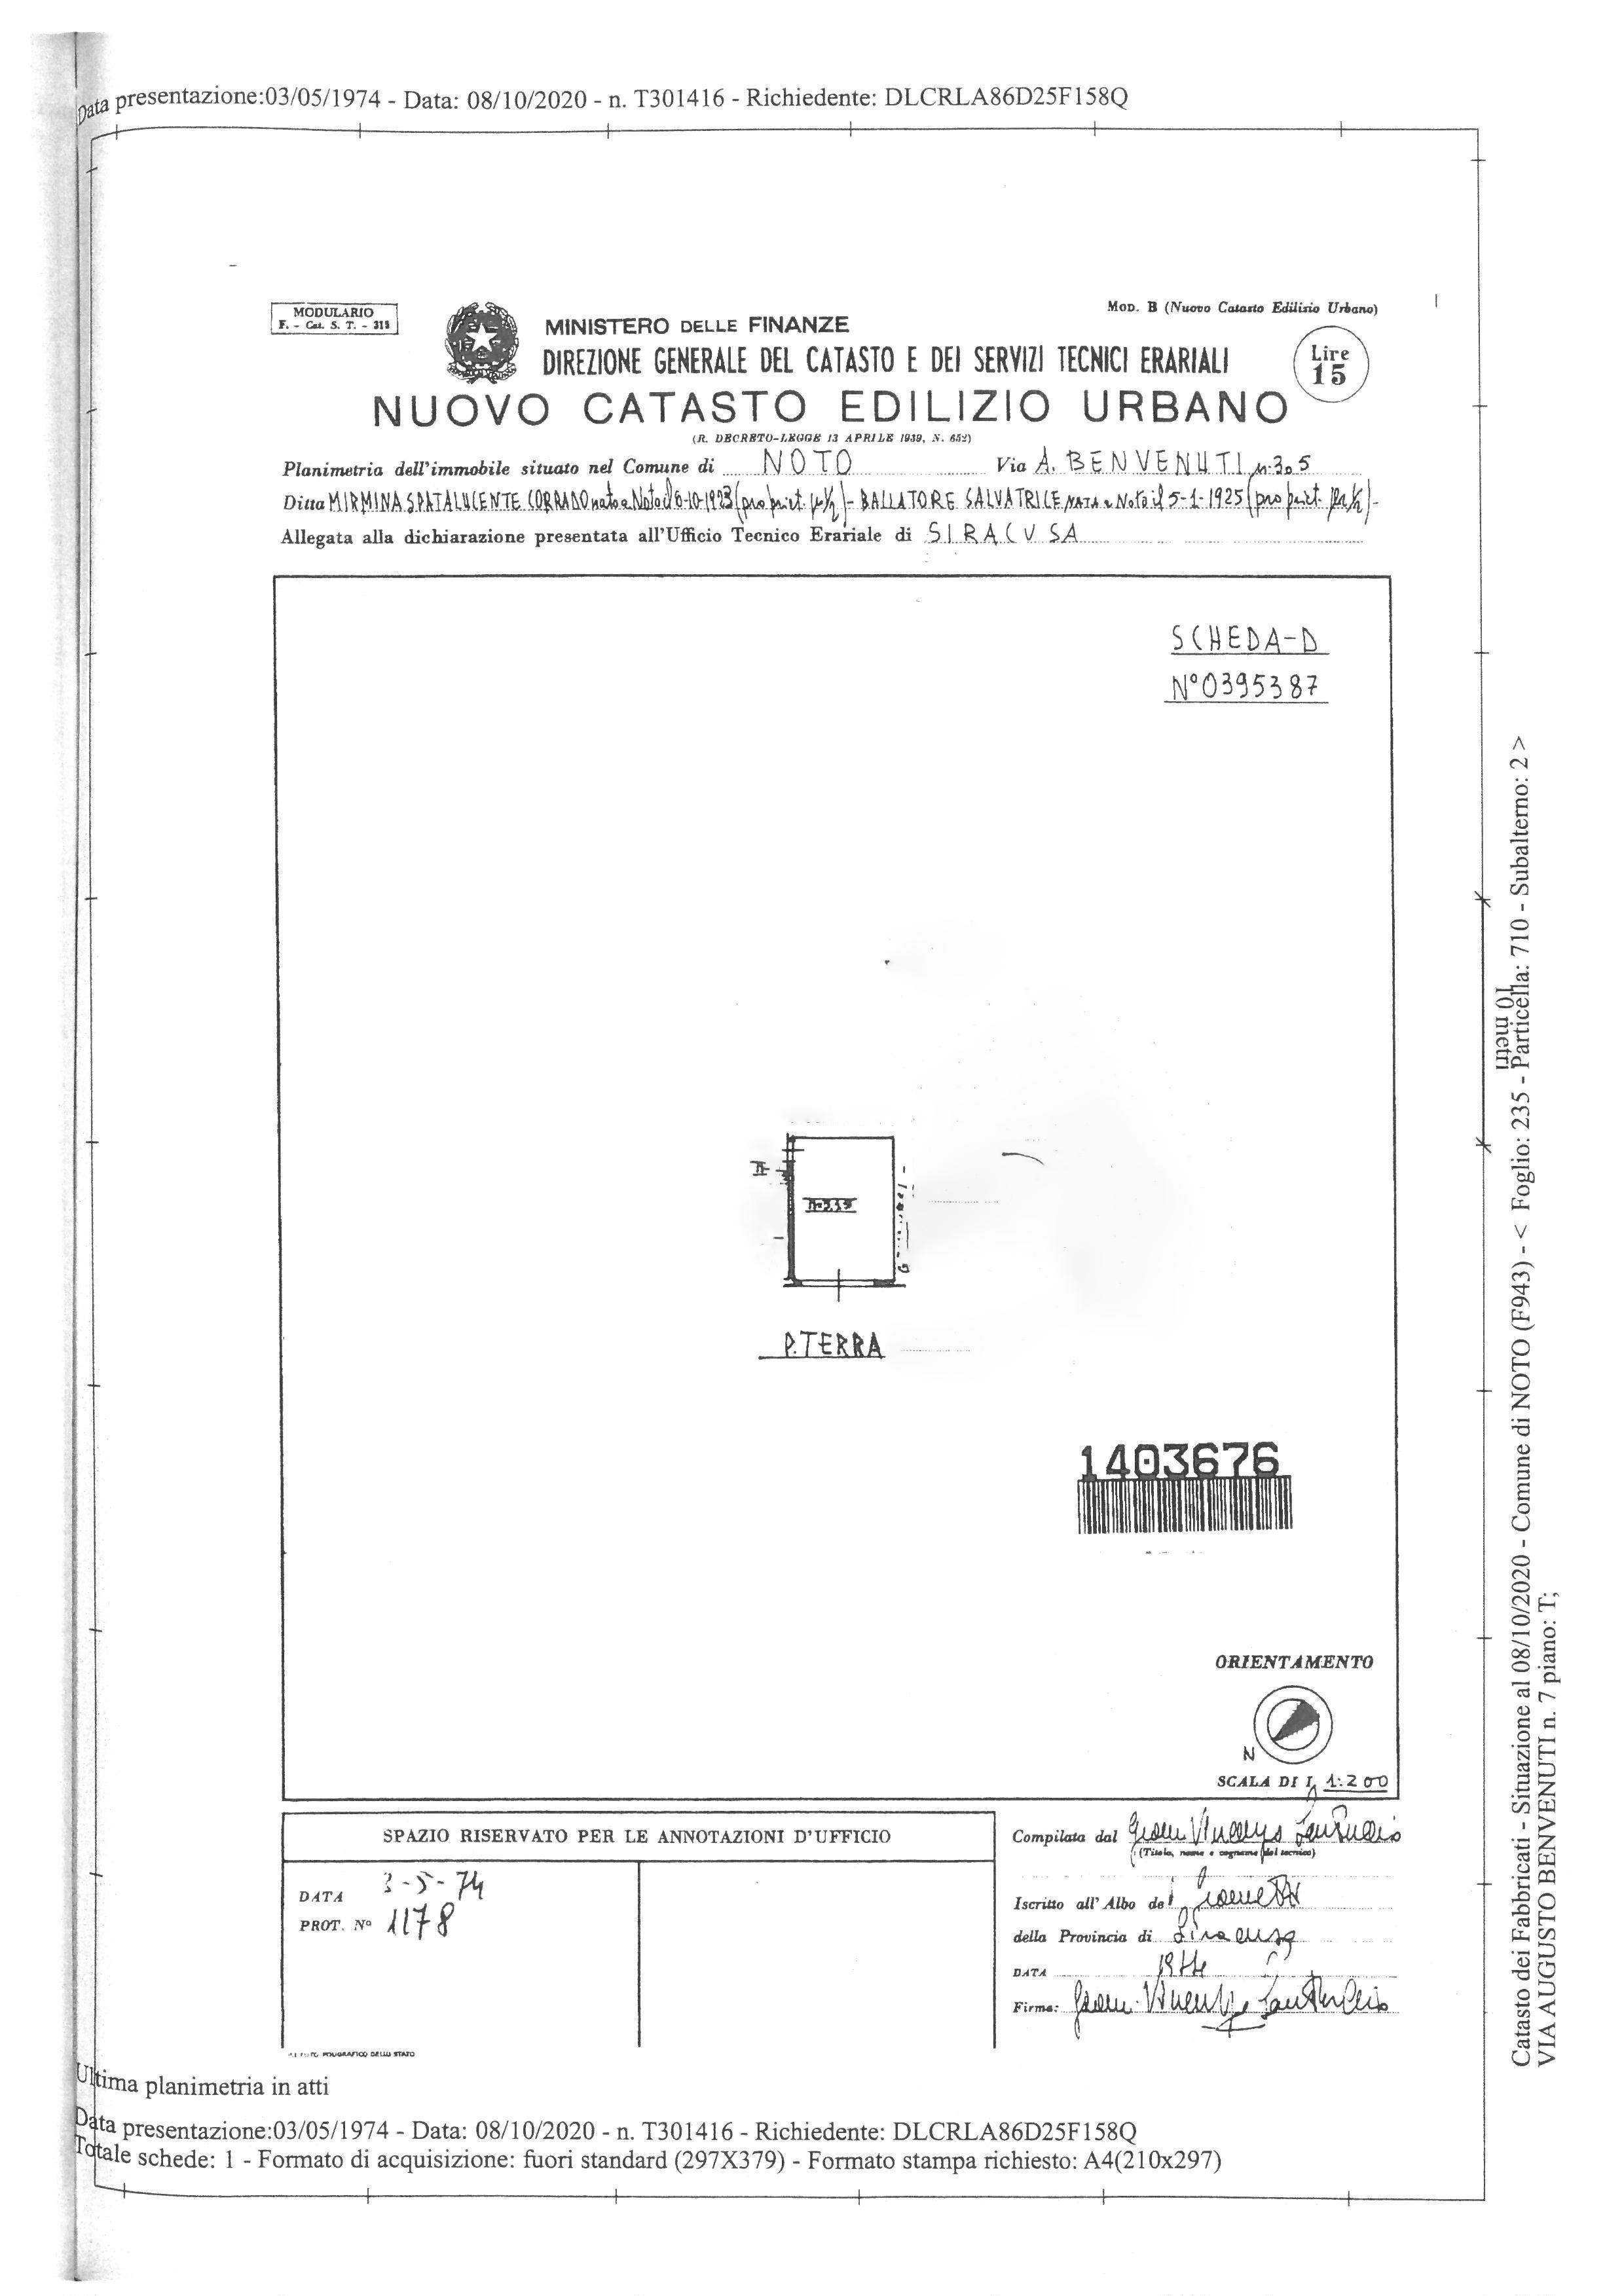 plan 0002002